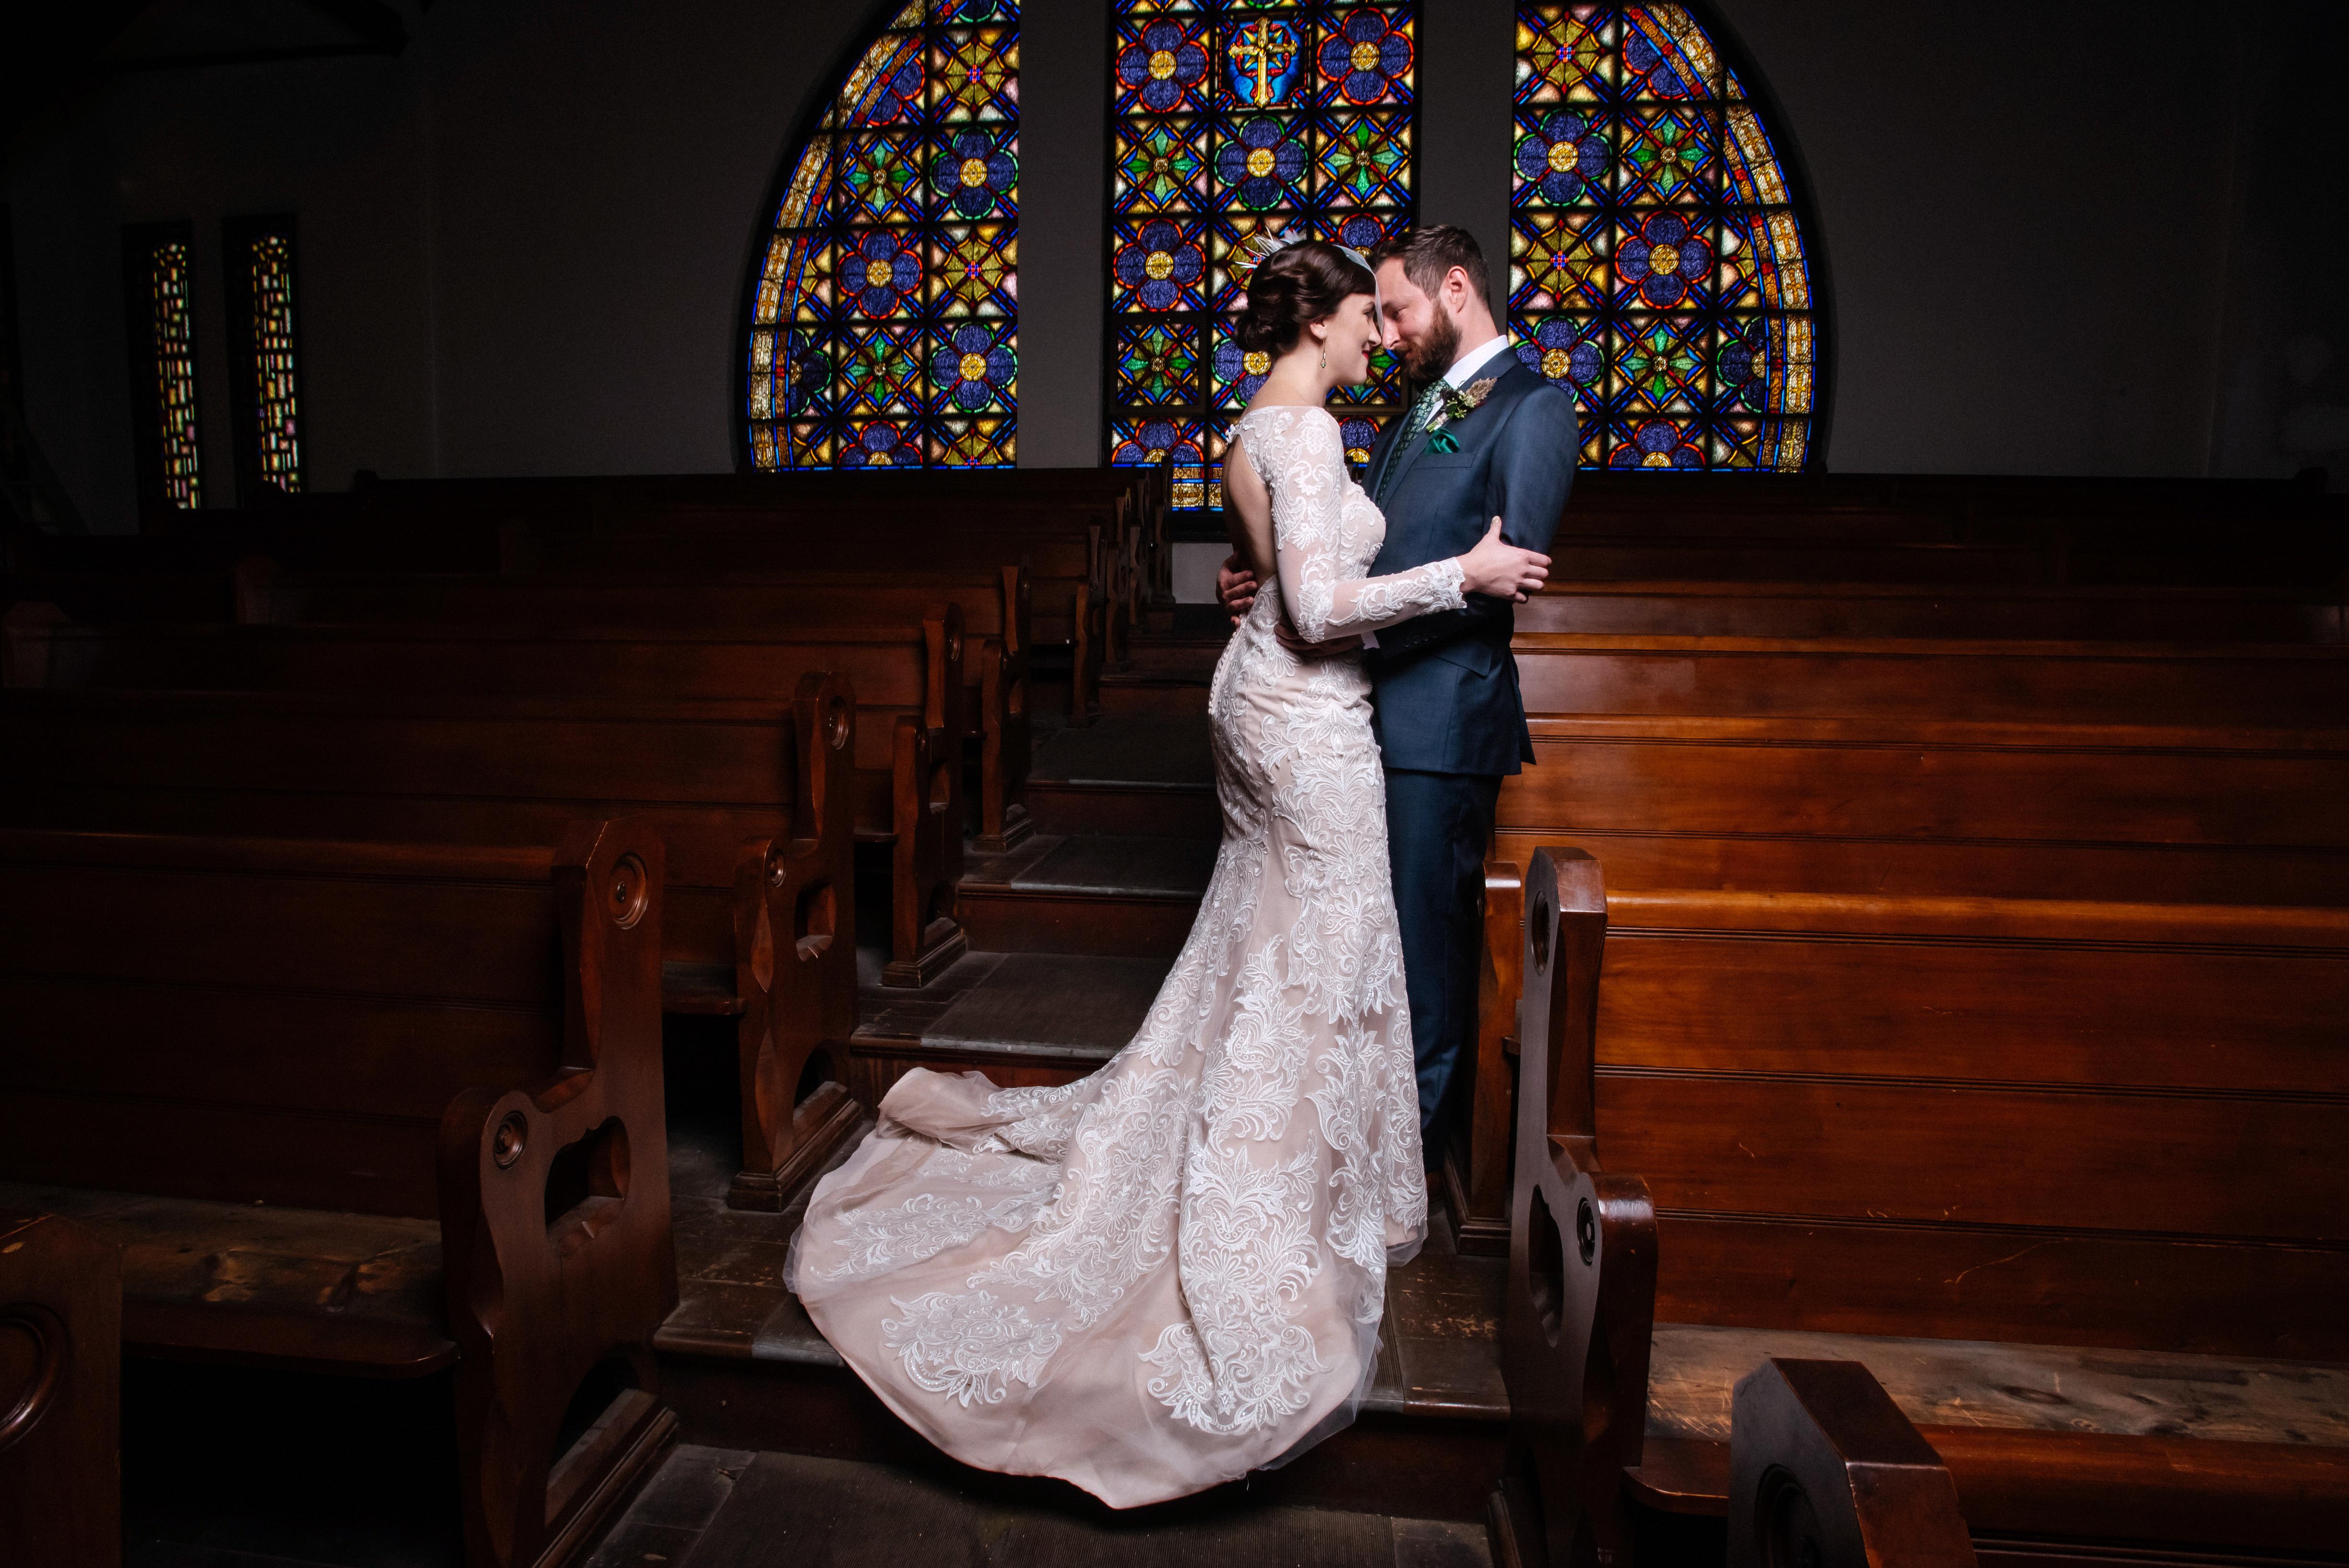 Milwaukee Wedding Photography-Jadon Good Photography_176